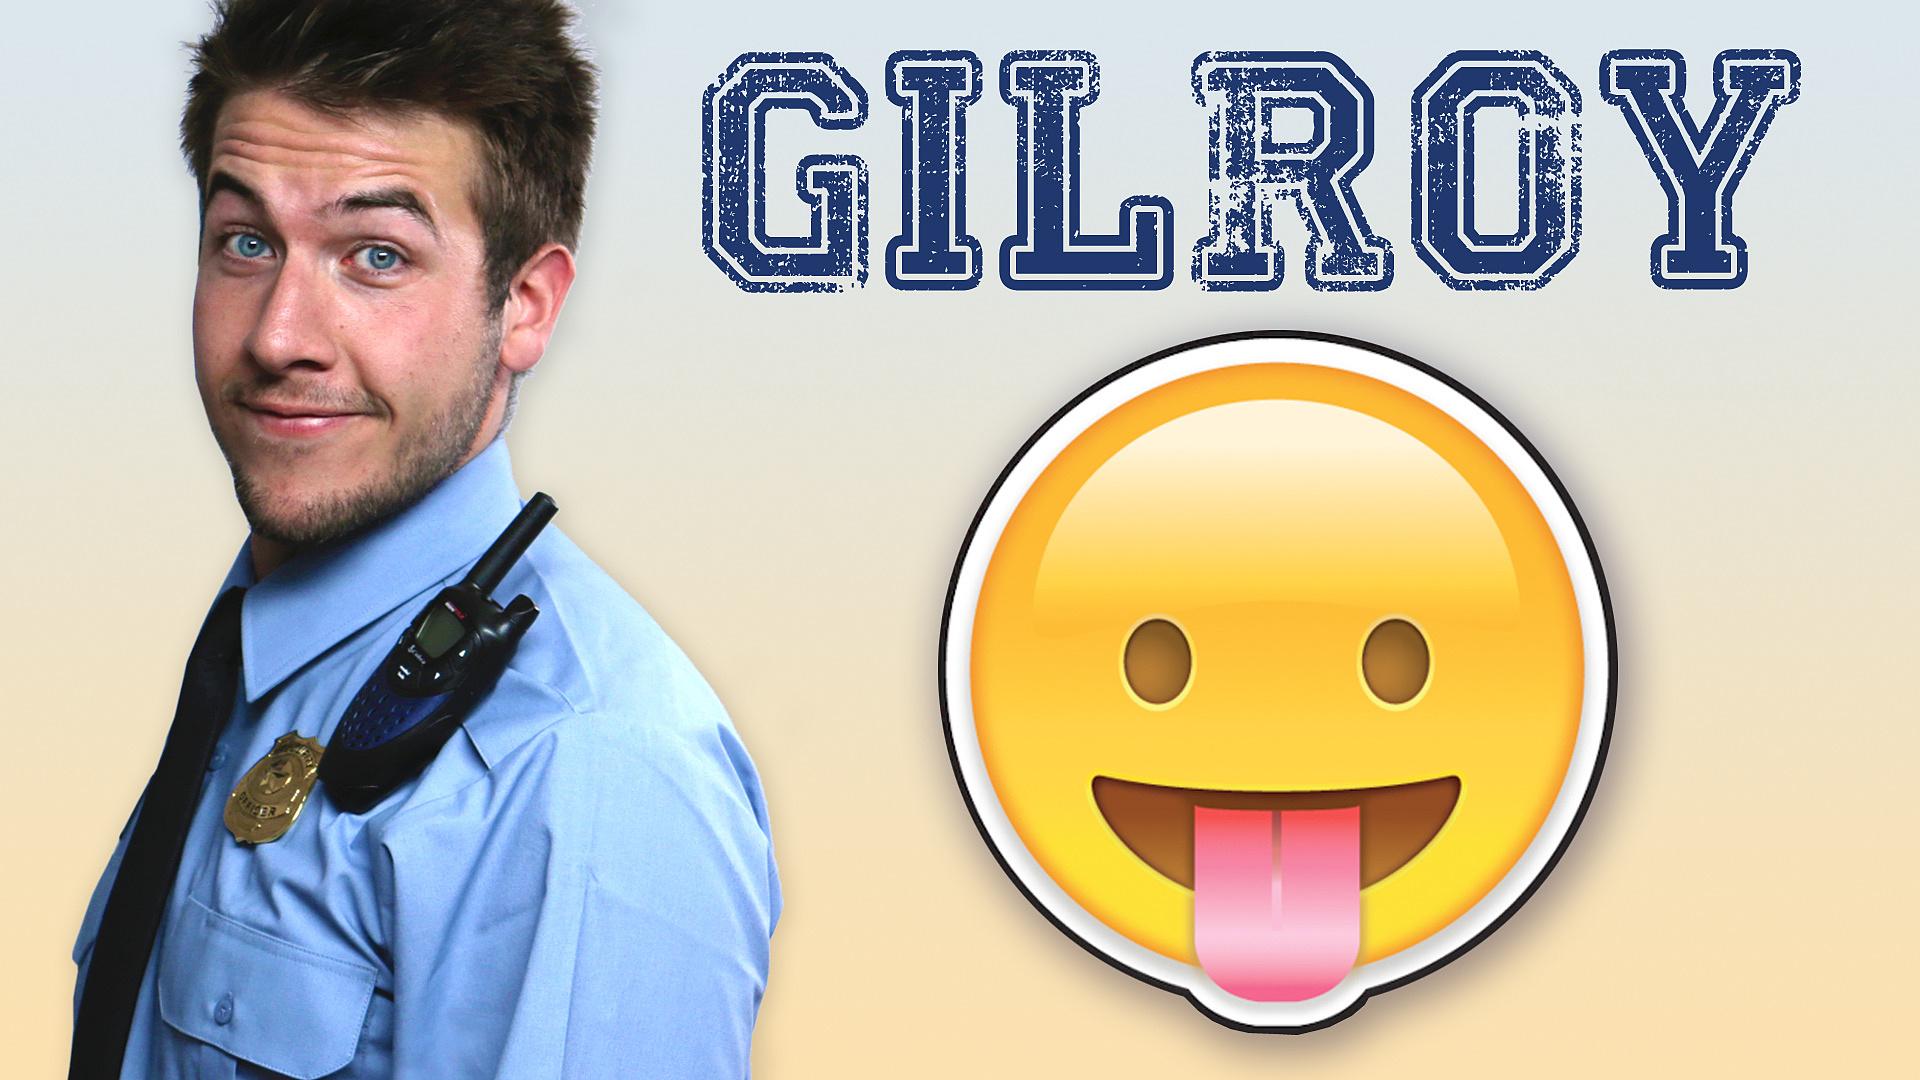 GILROY